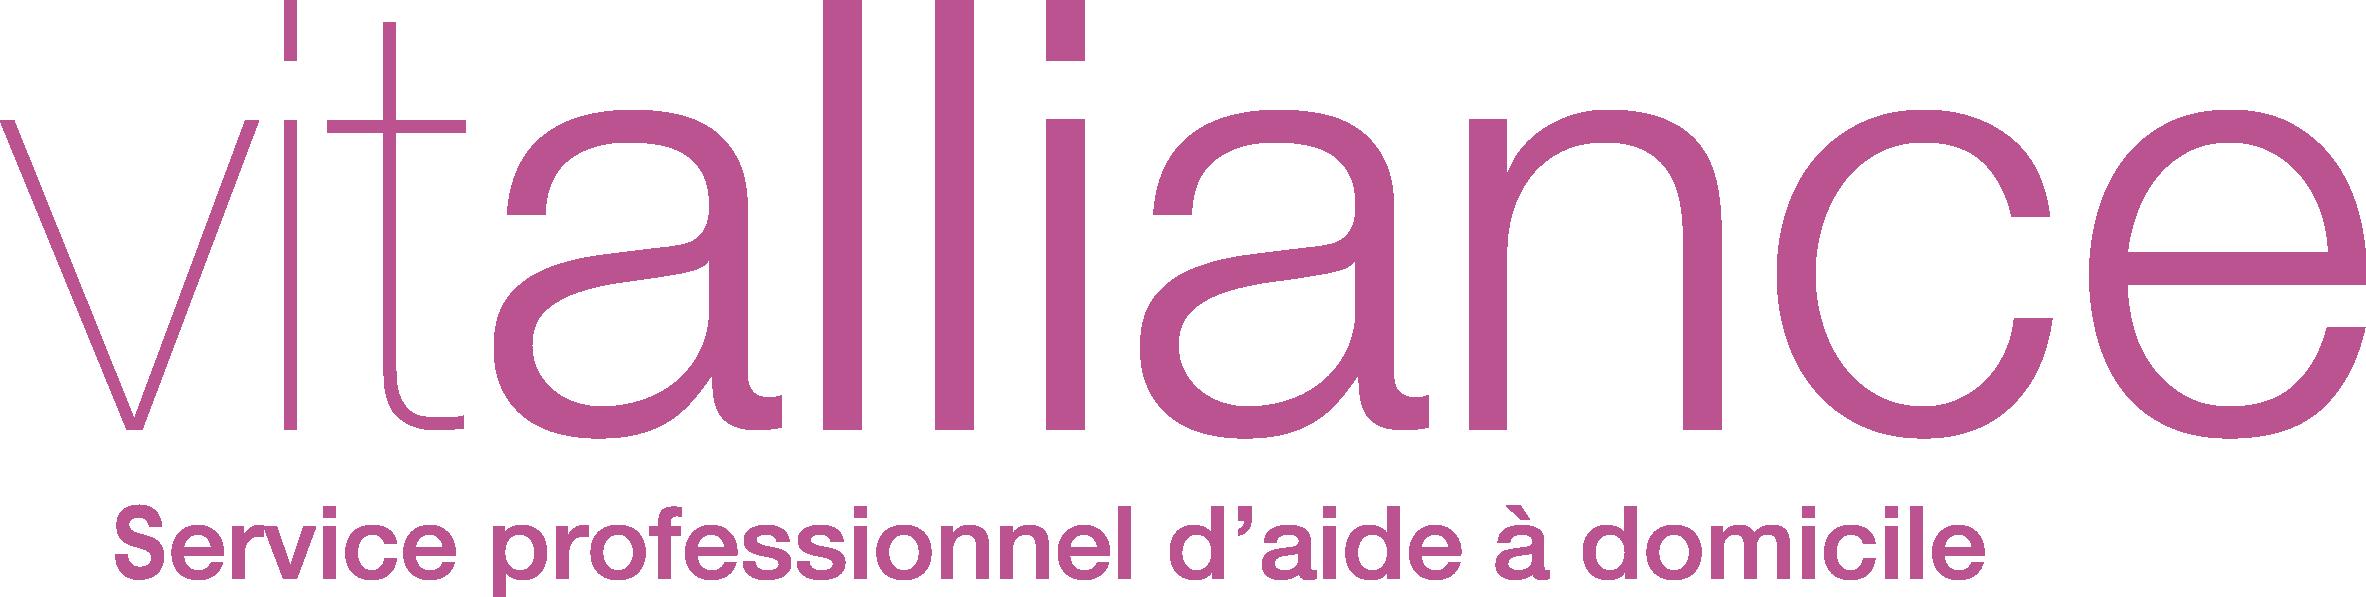 Vitalliance Royan - Aide à domicile services, aide à domicile